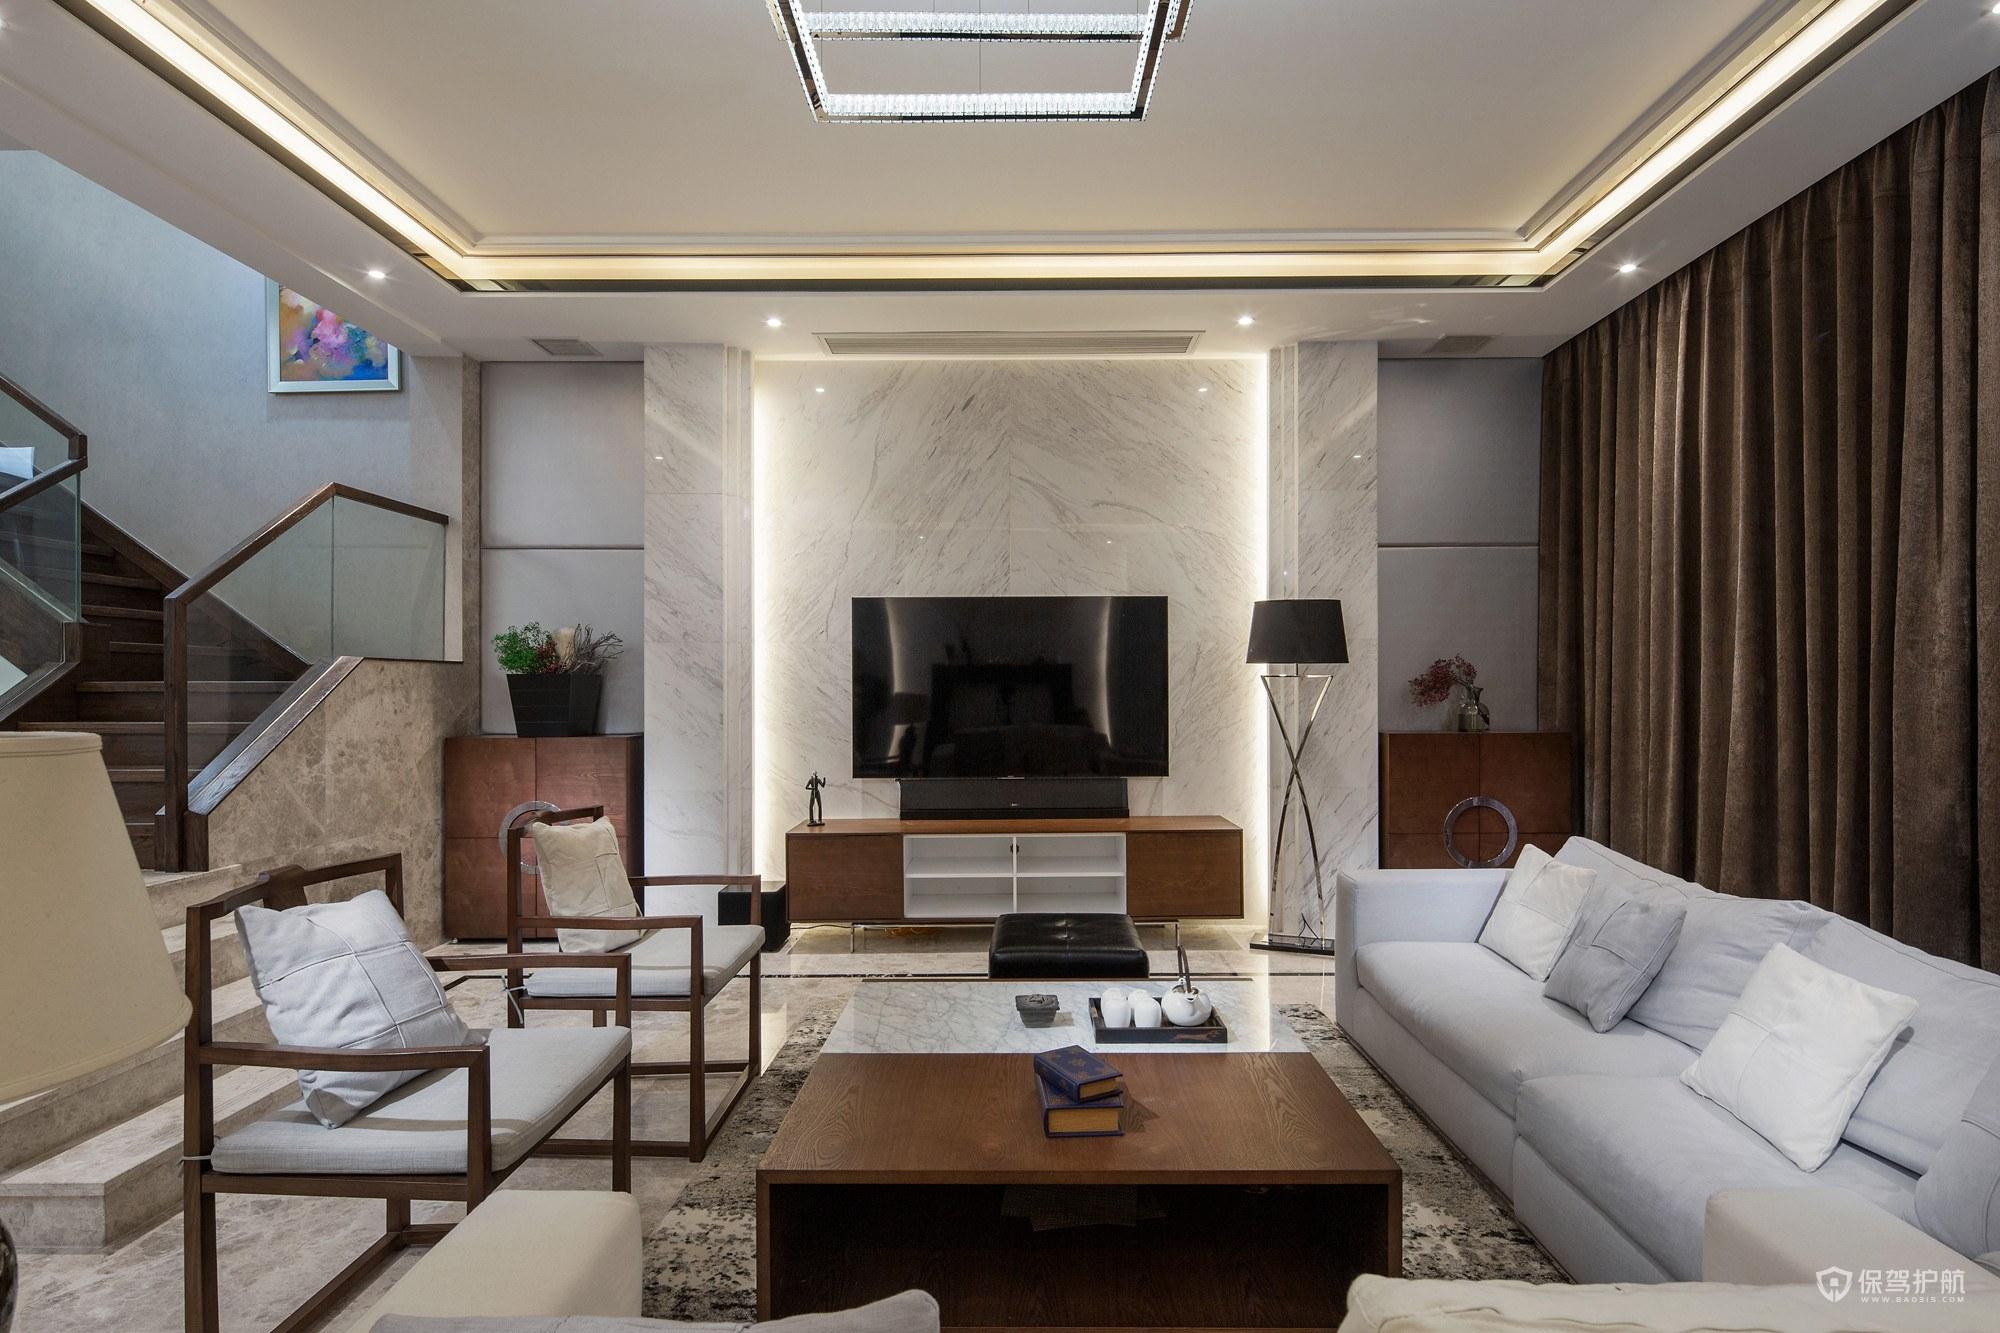 简约中式风格复式楼客厅装修效果图